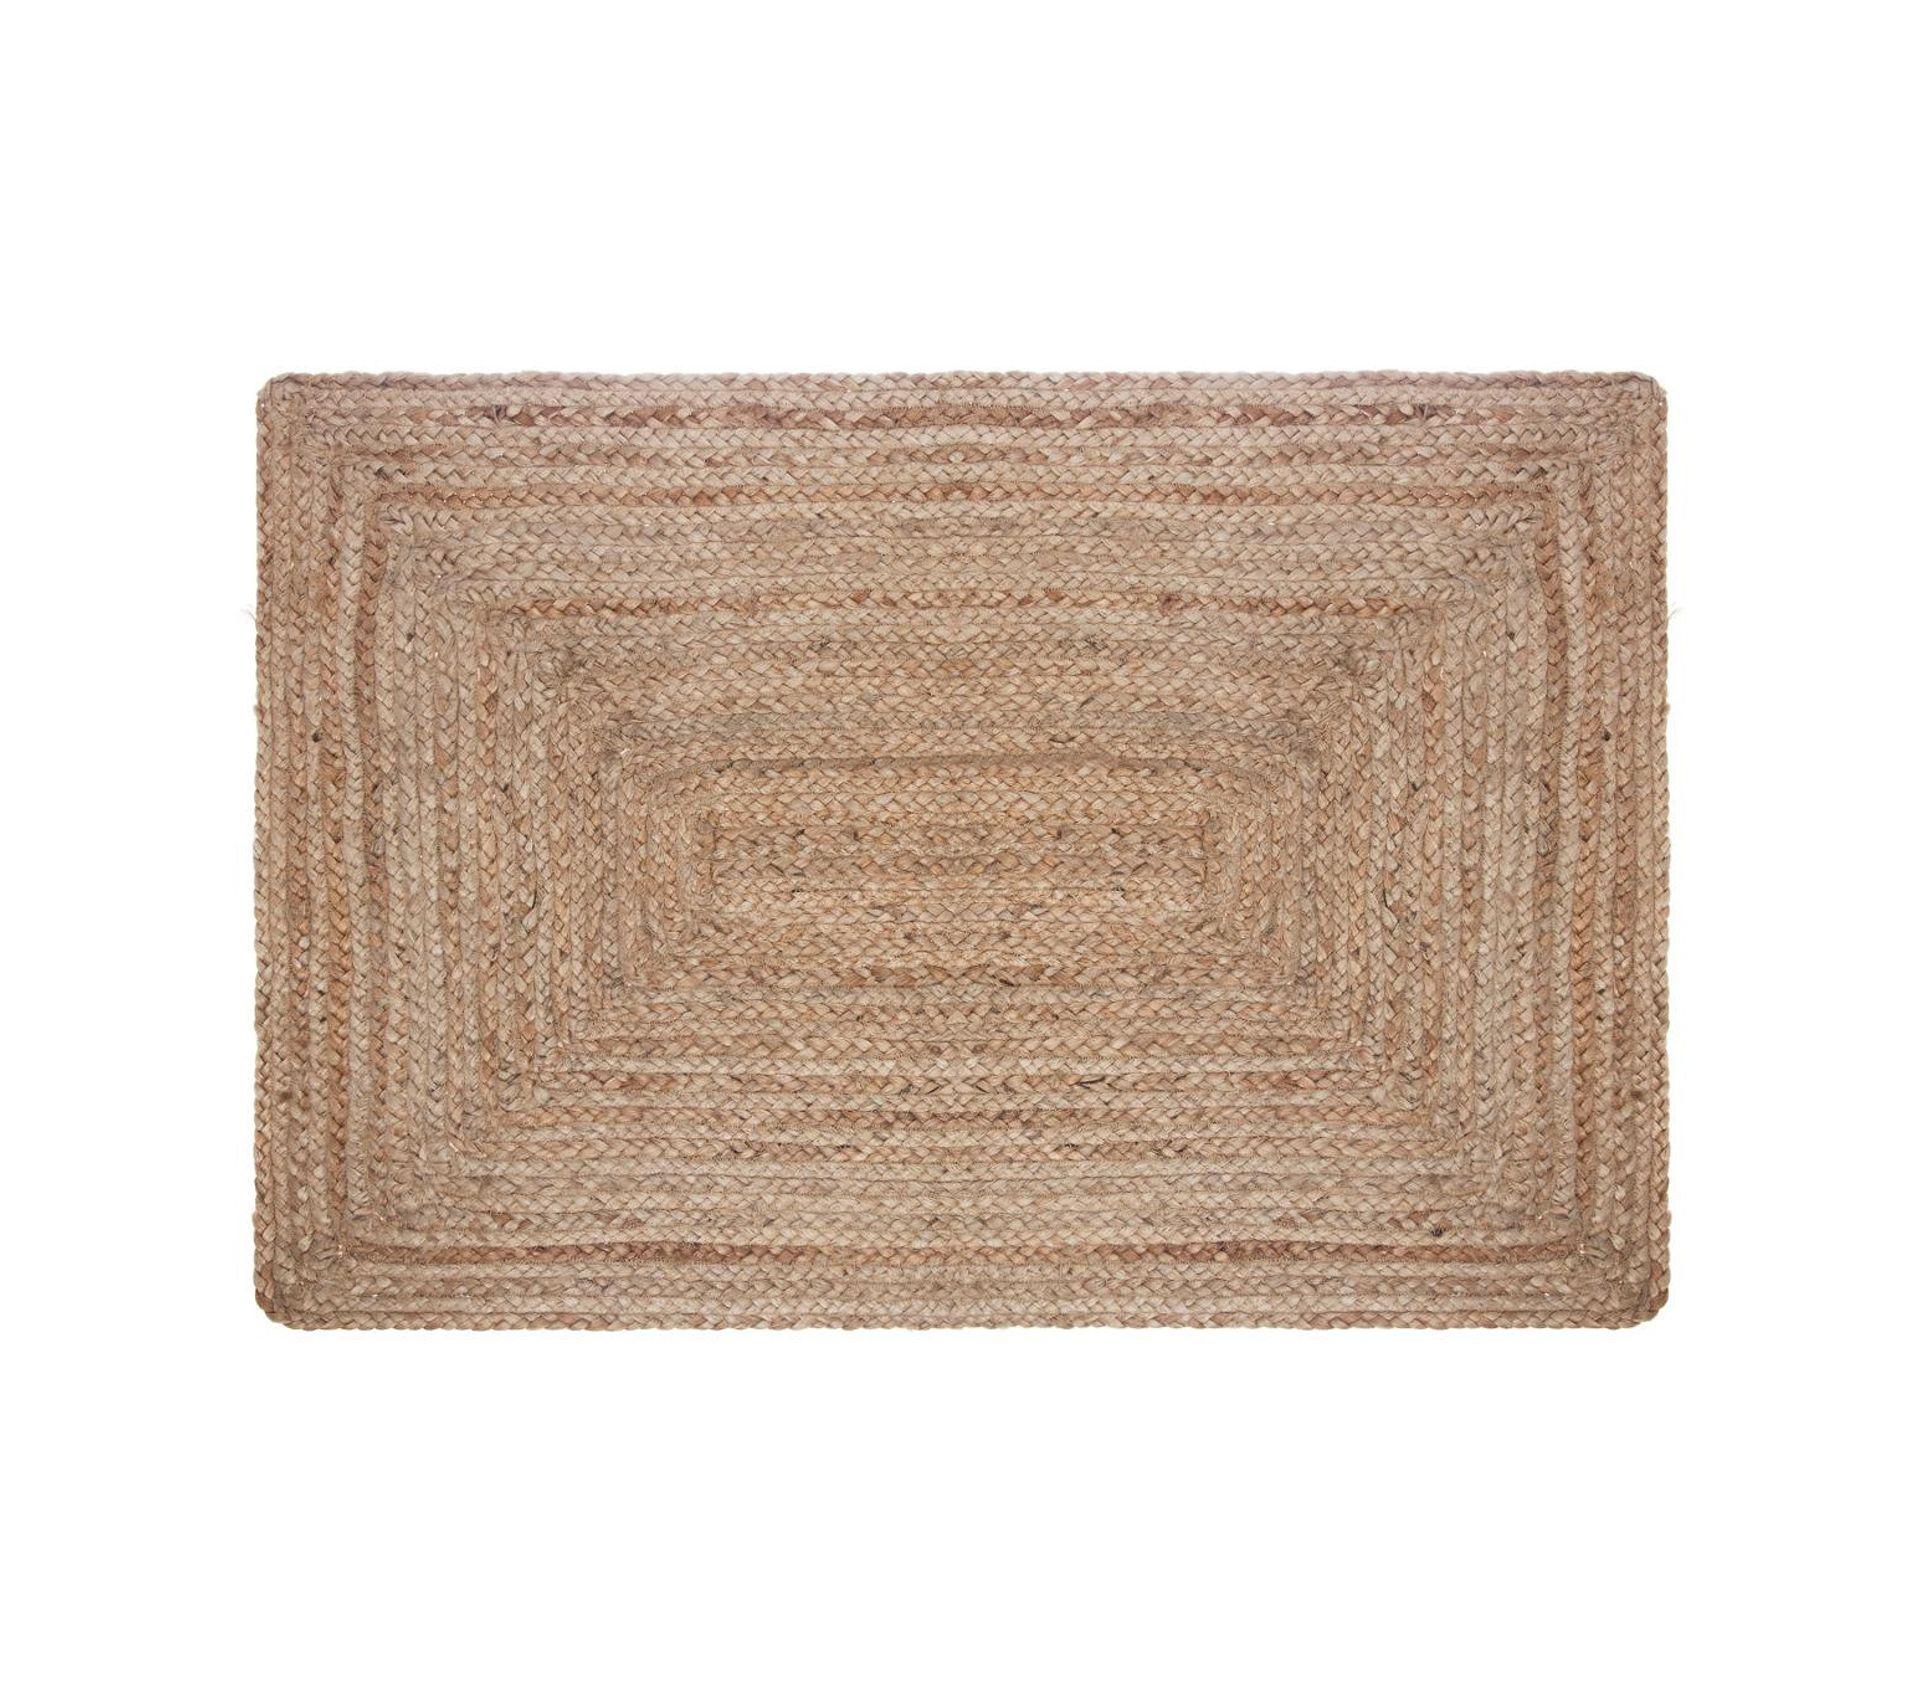 Canapé En Toile De Jute tapis effet naturel en jute - 60 x 90 cm - naturel - tapis